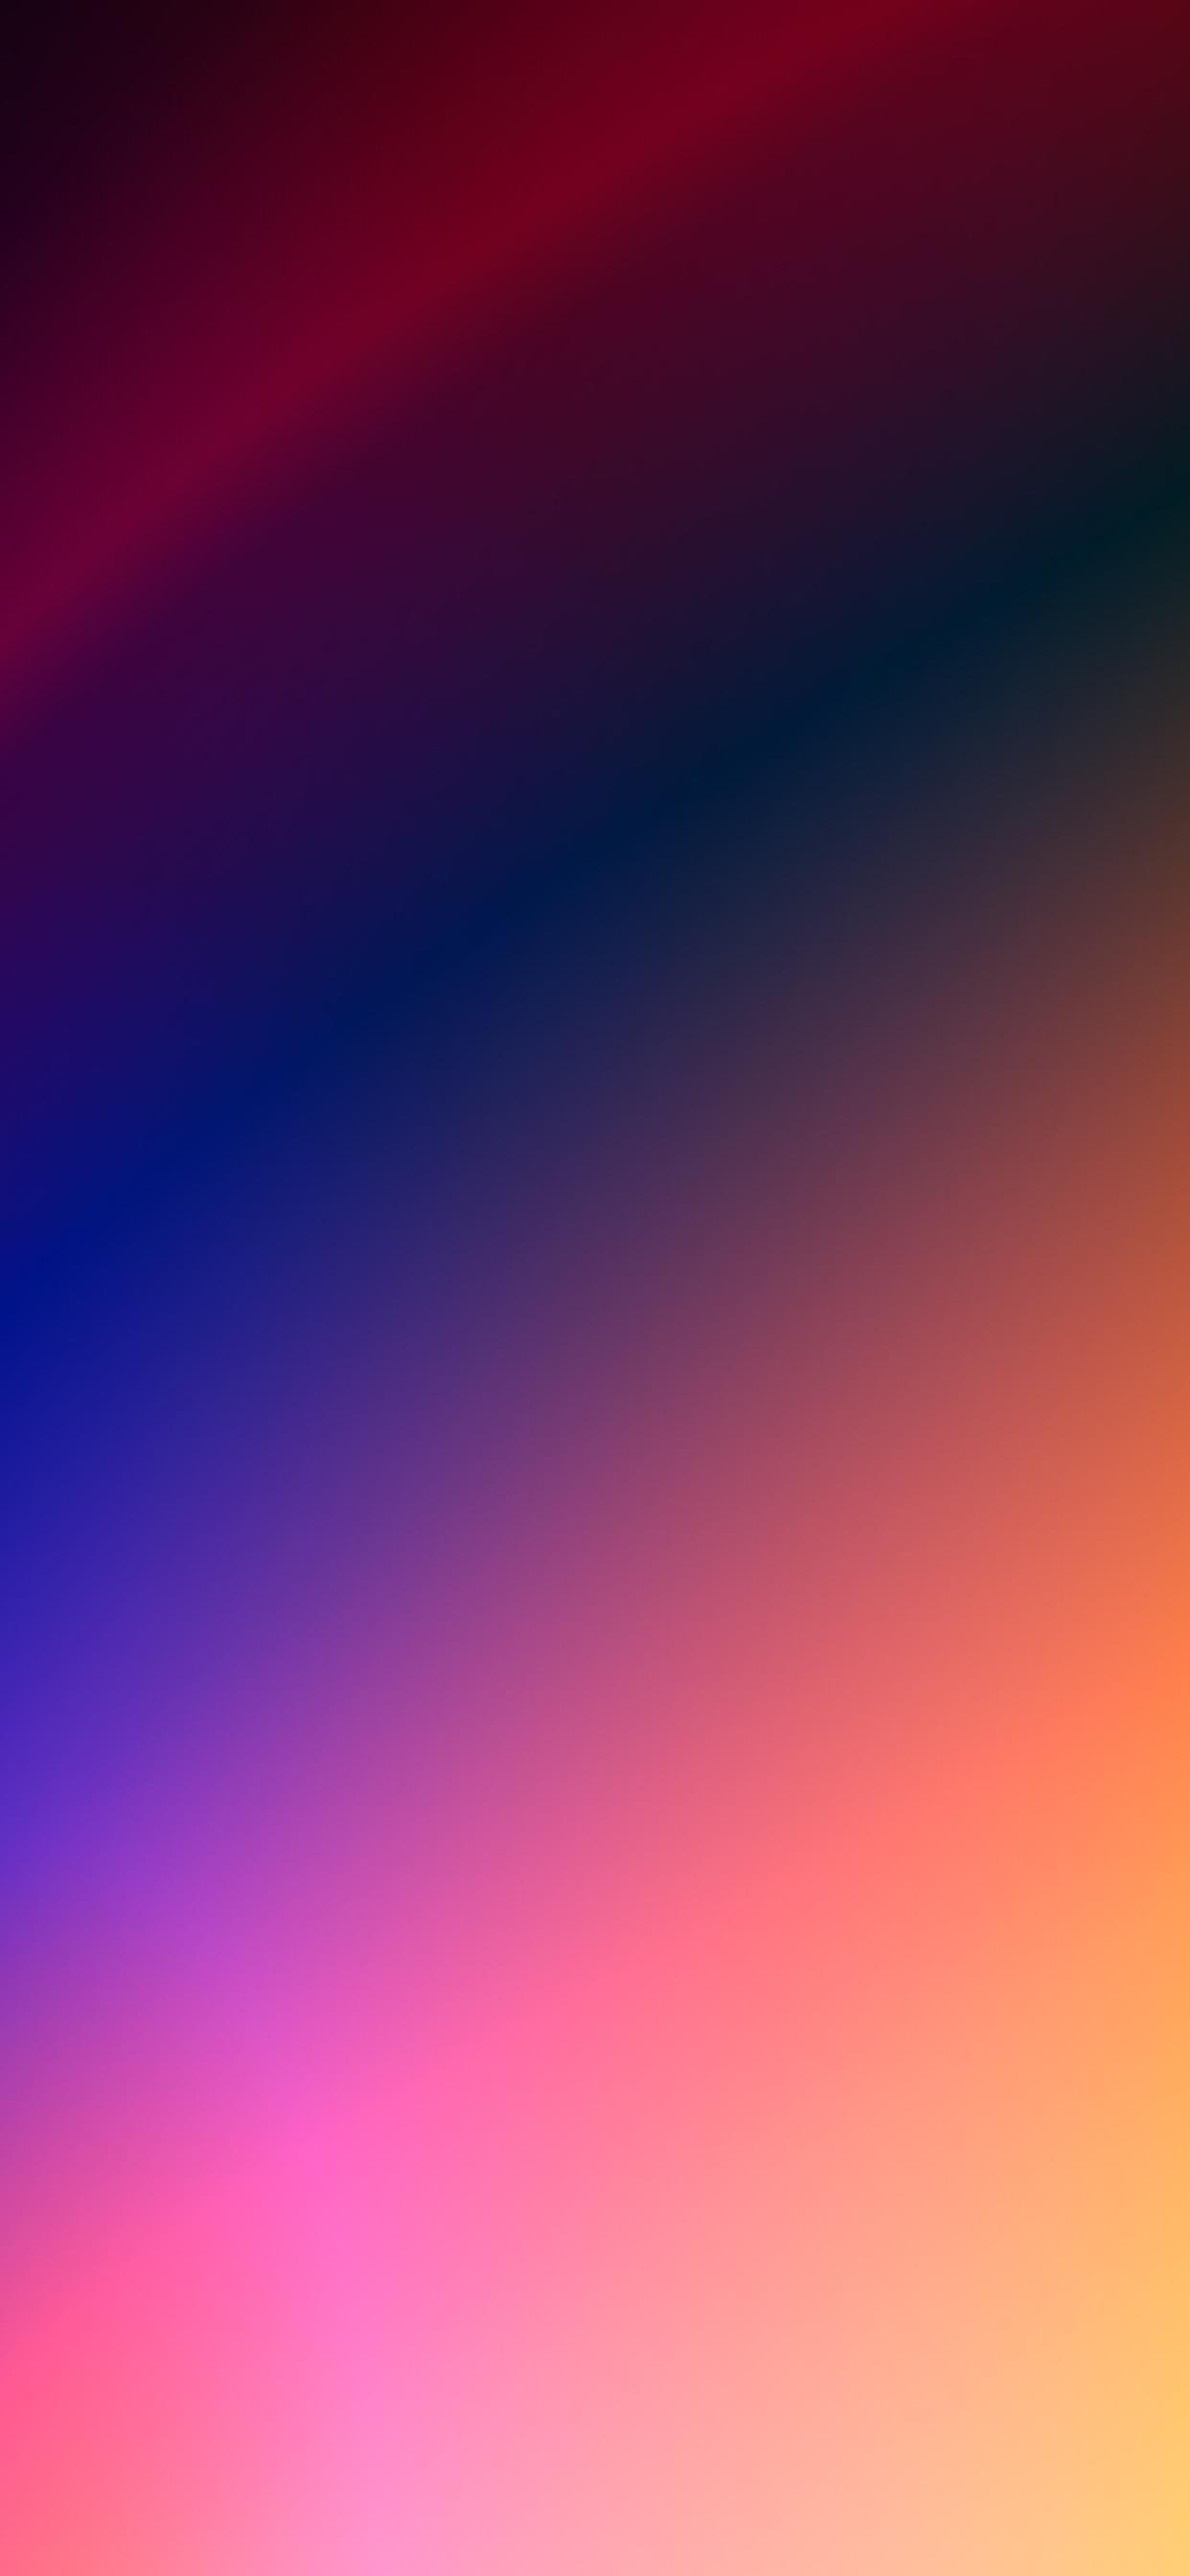 iPhone wallpapers gradient colors pink blue Fonds d'écran iPhone du 24/03/2020